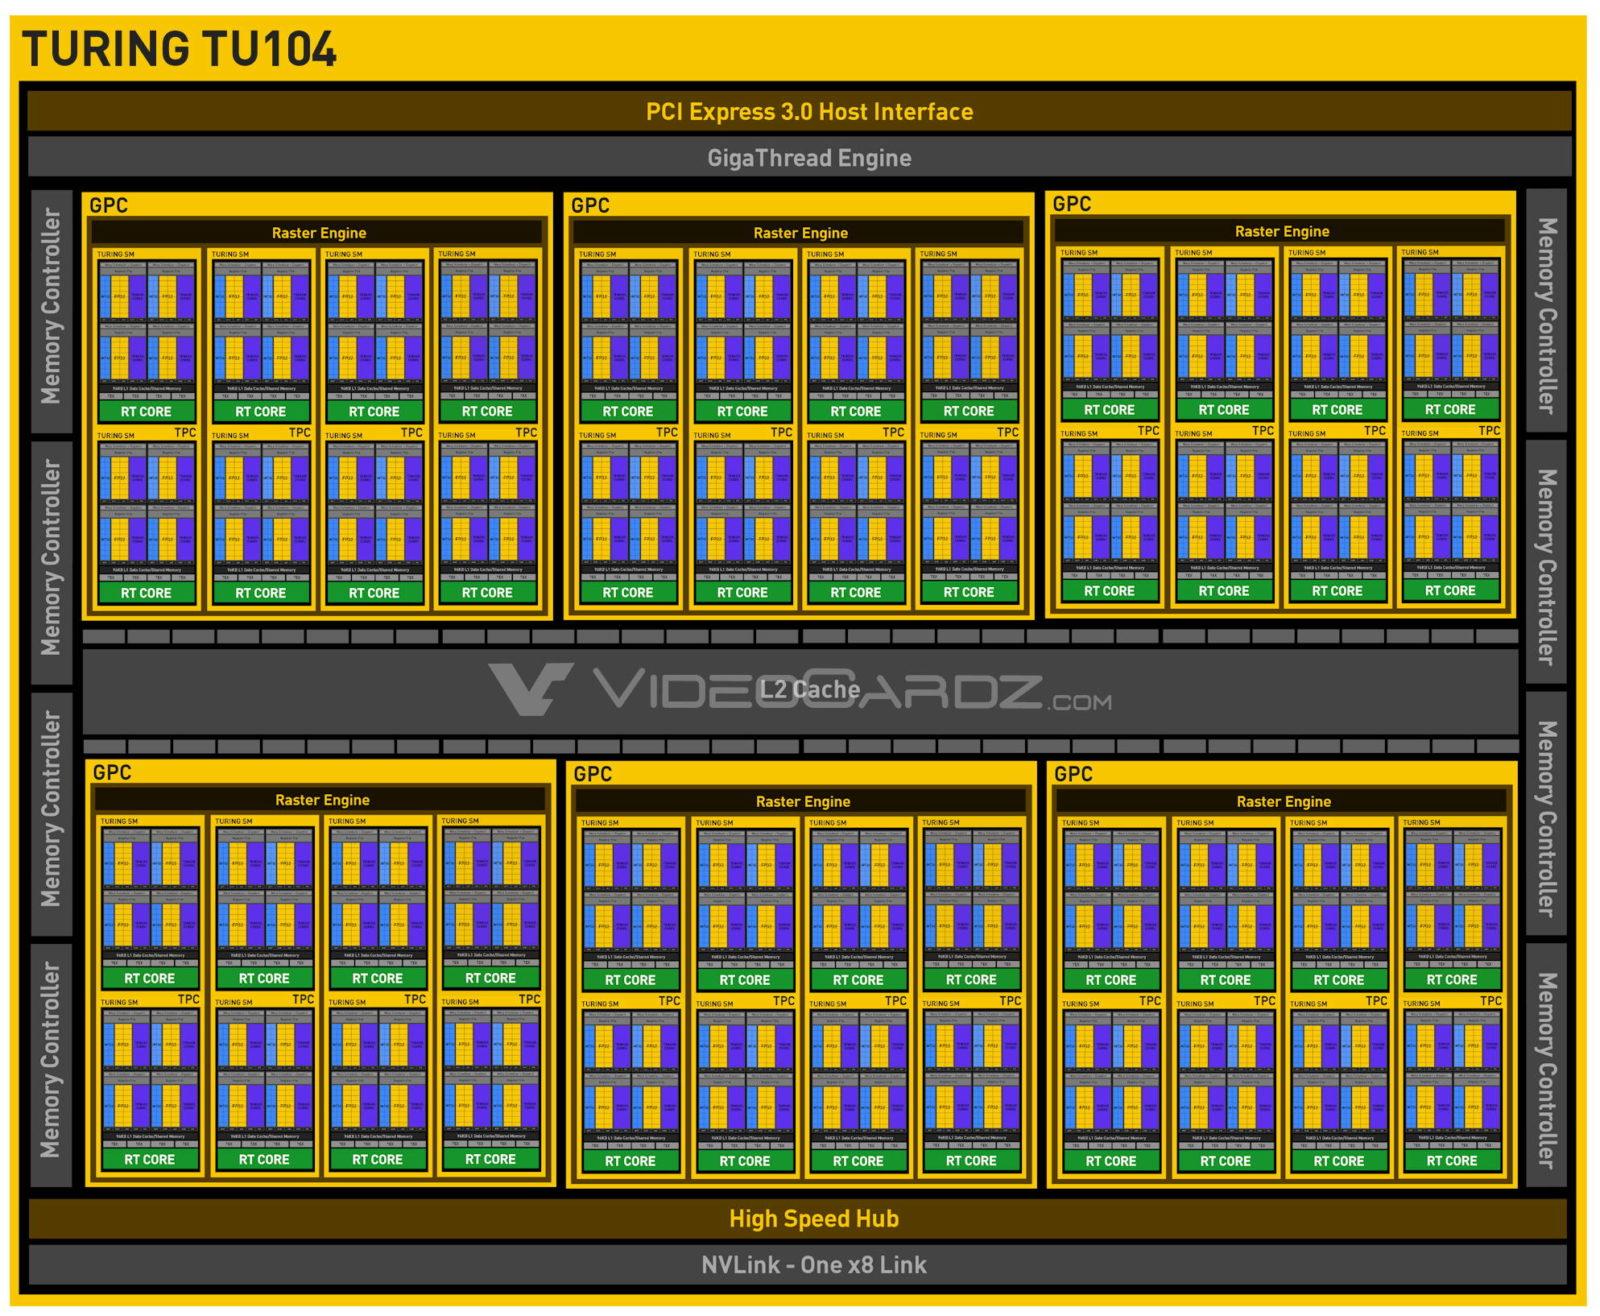 NVIDIA GeForce RTX 20 Super Max Q Grafikkarte   Benchmarks und ...